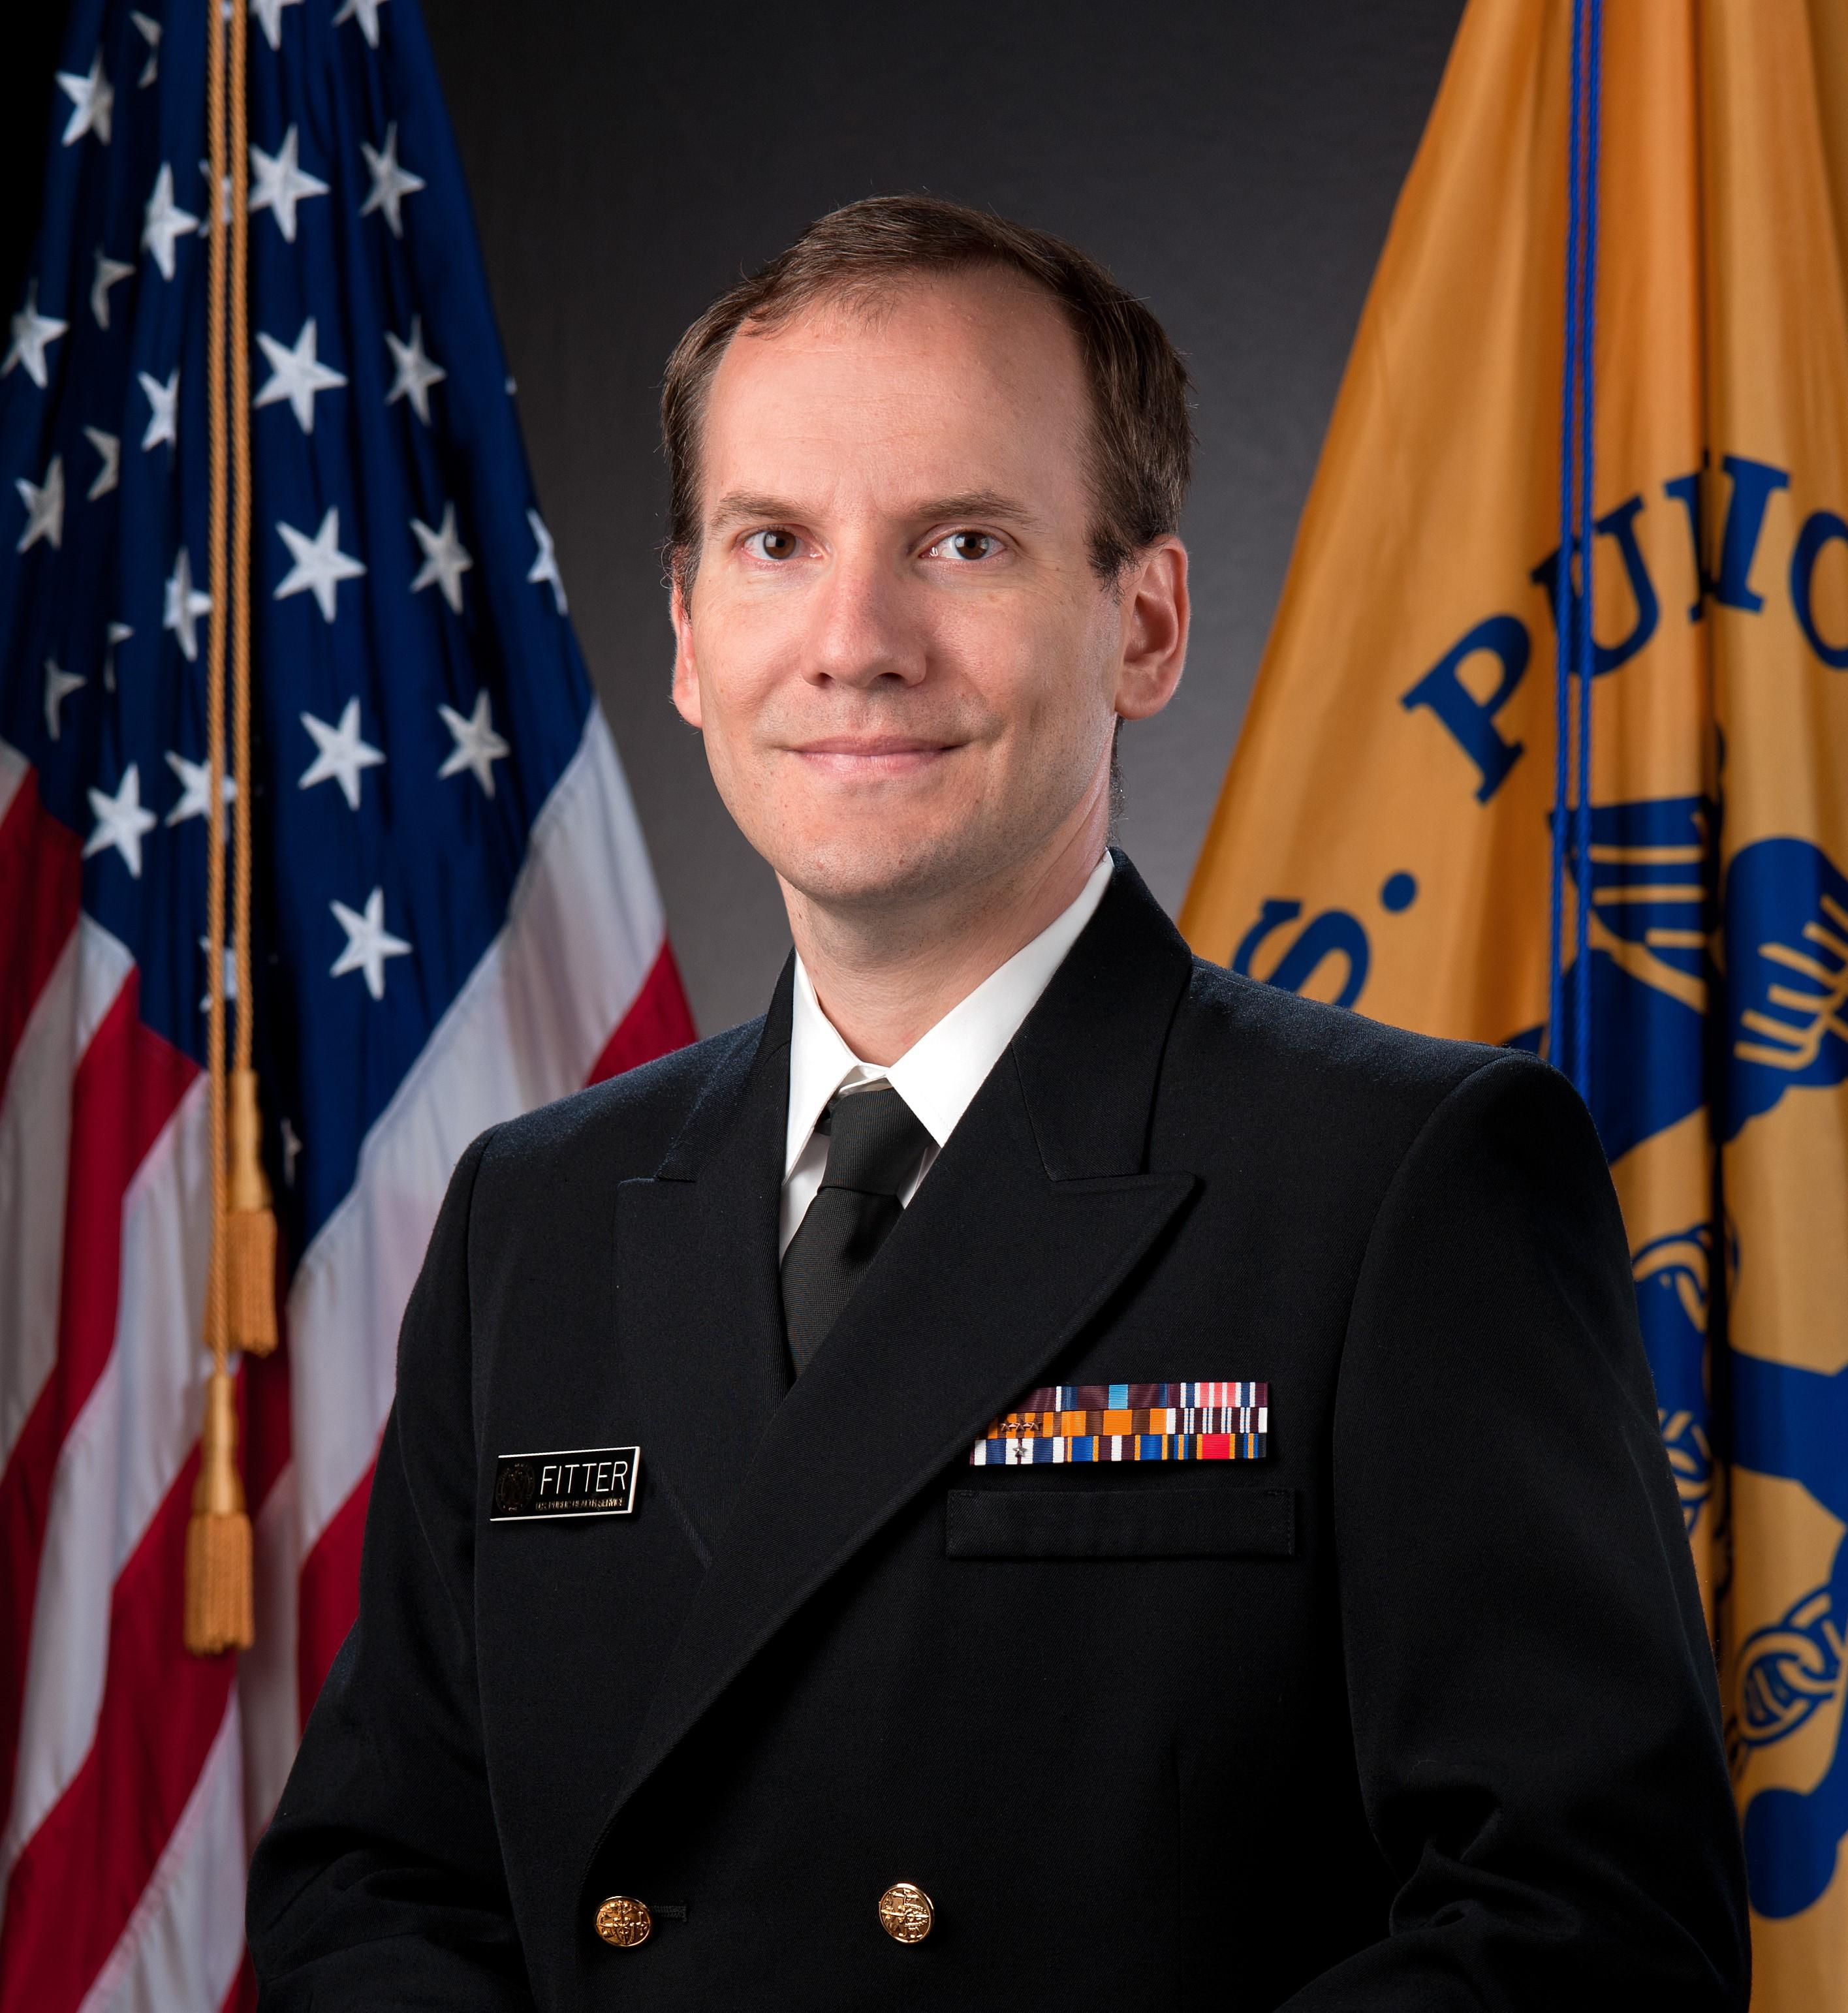 Commander David Fitter